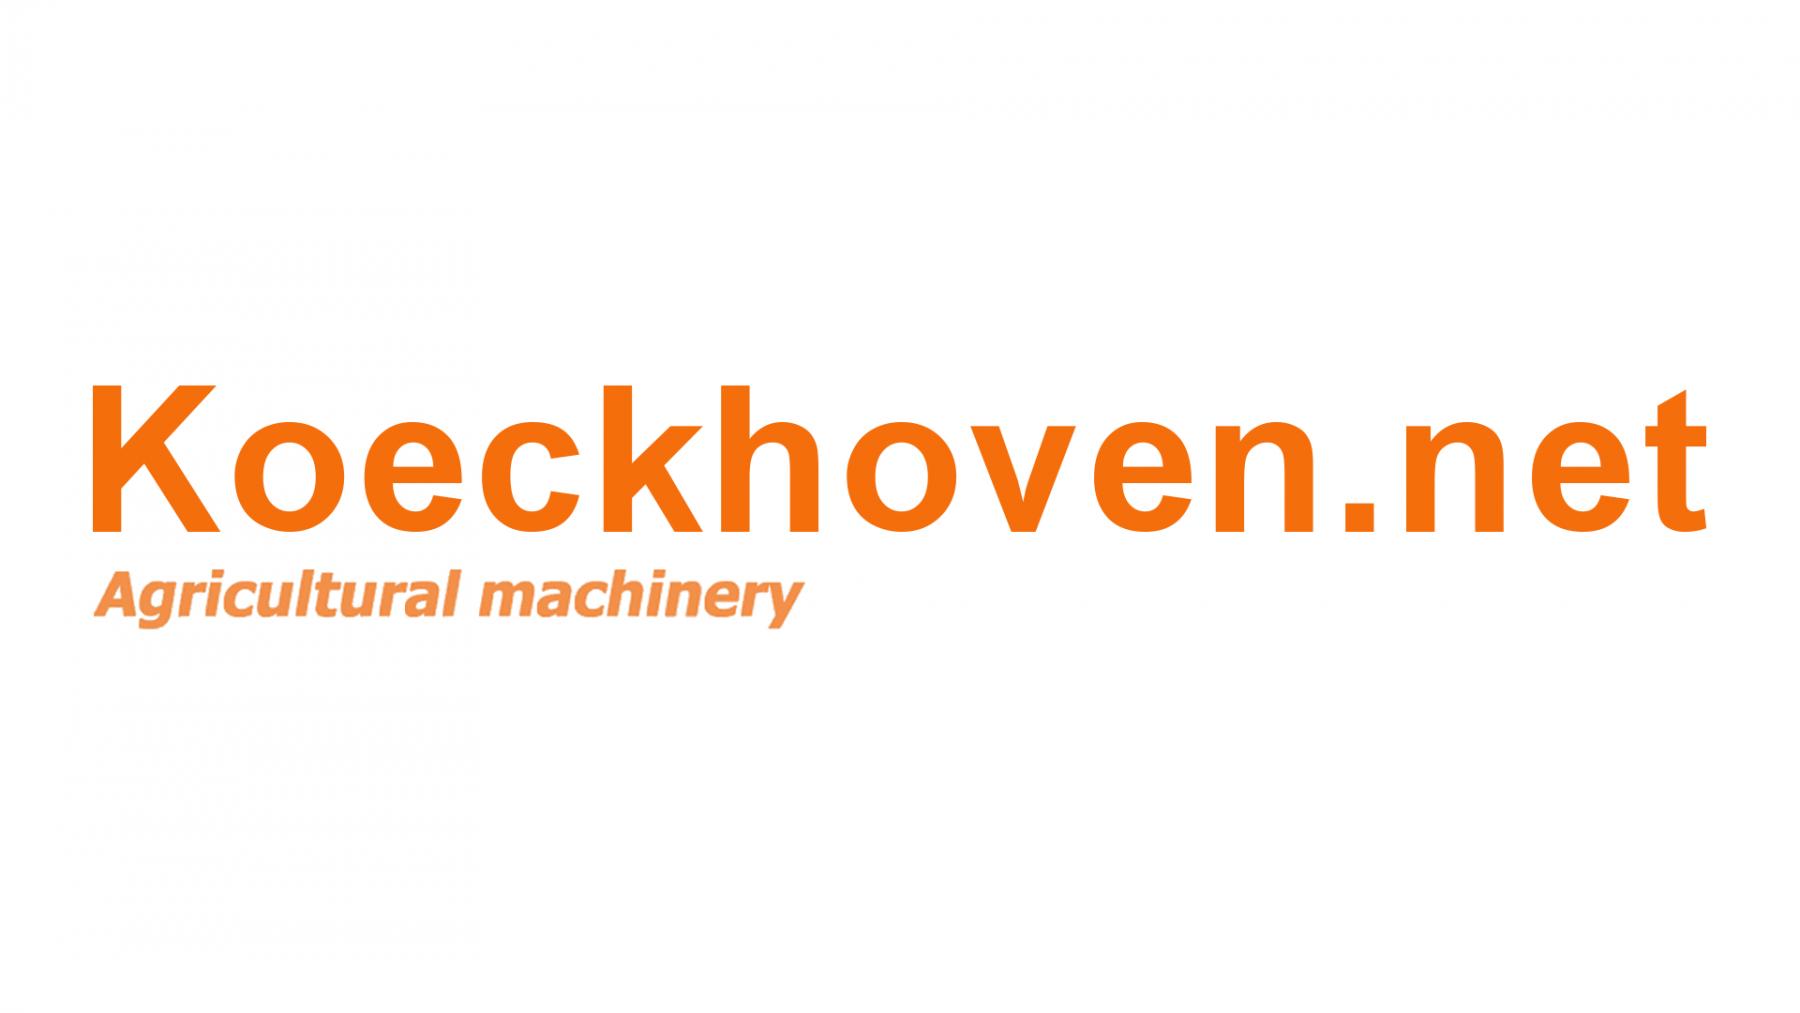 Koeckhovennet.fw_